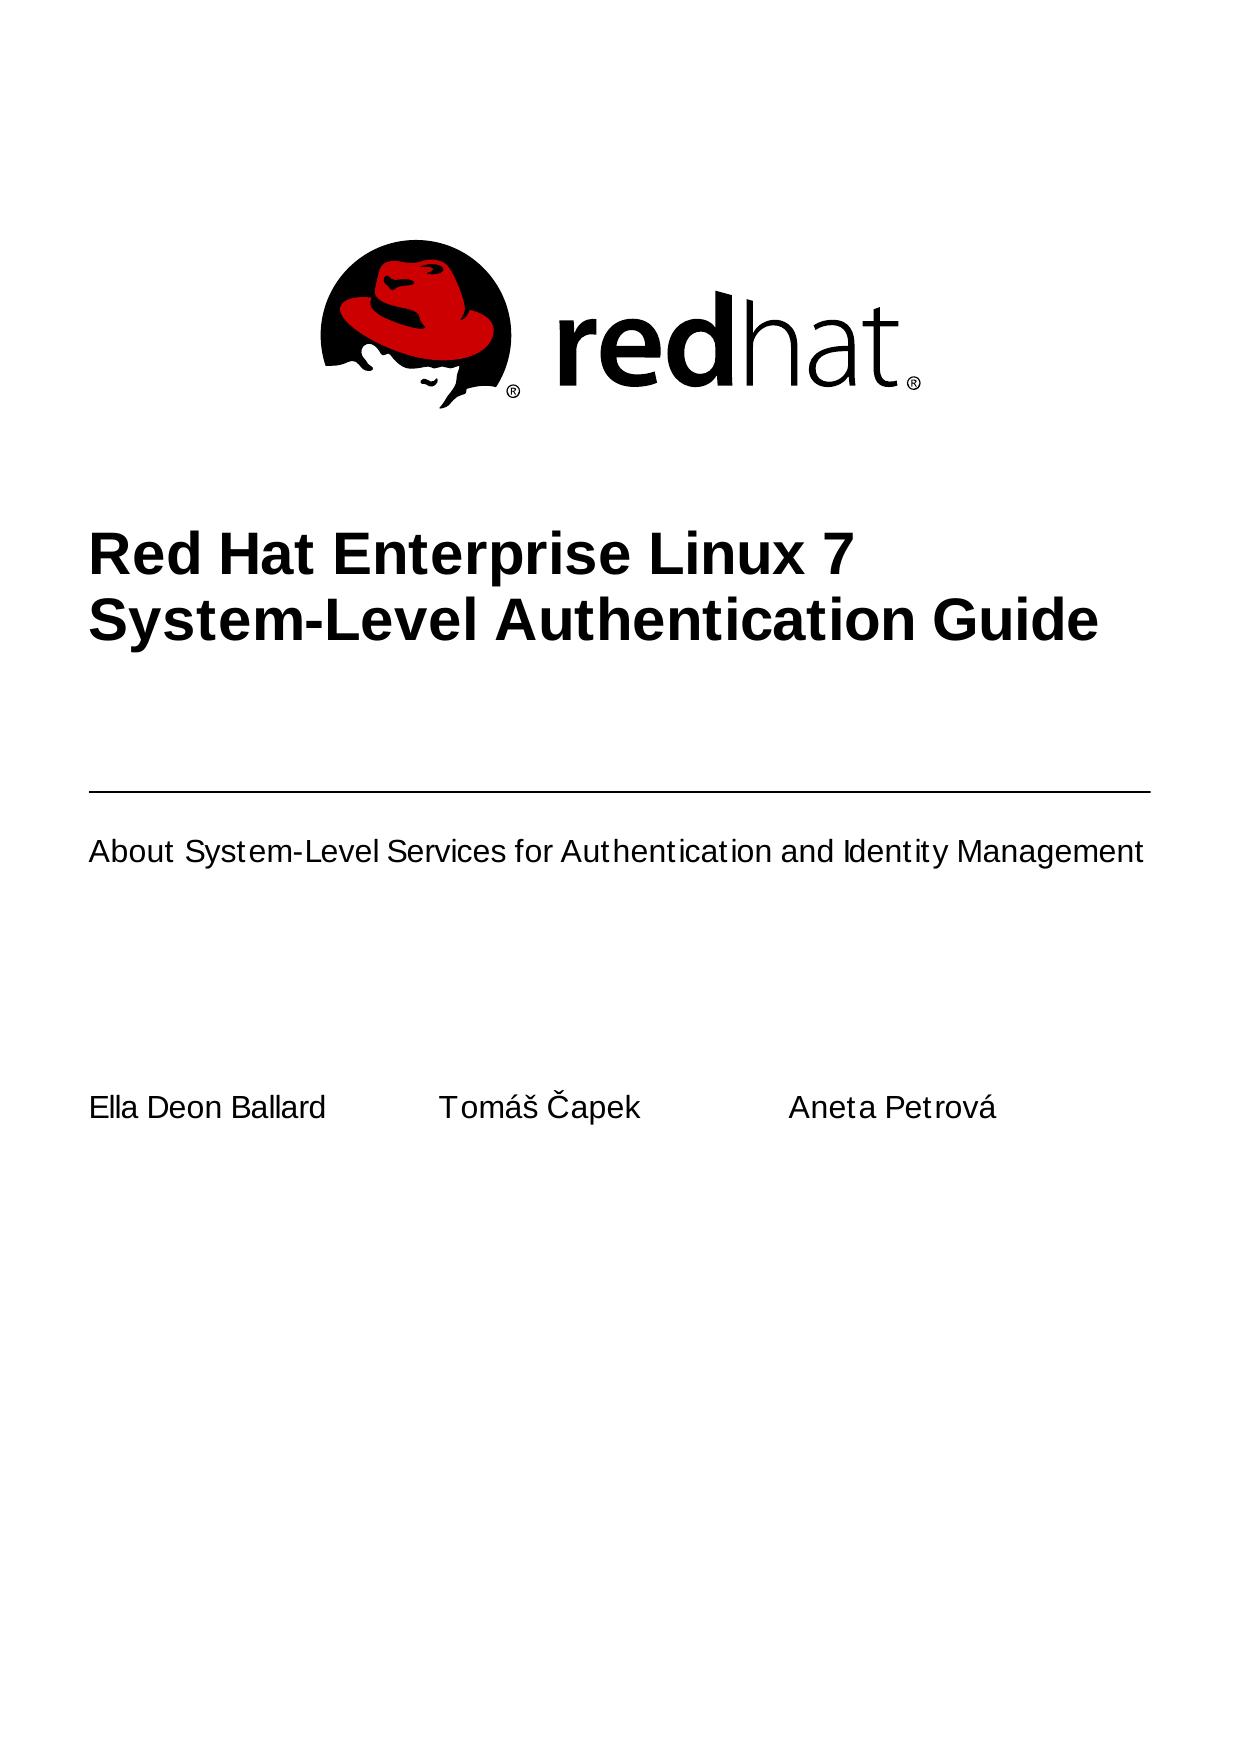 Red Hat Enterprise Linux 7 System-Level Authentication - X